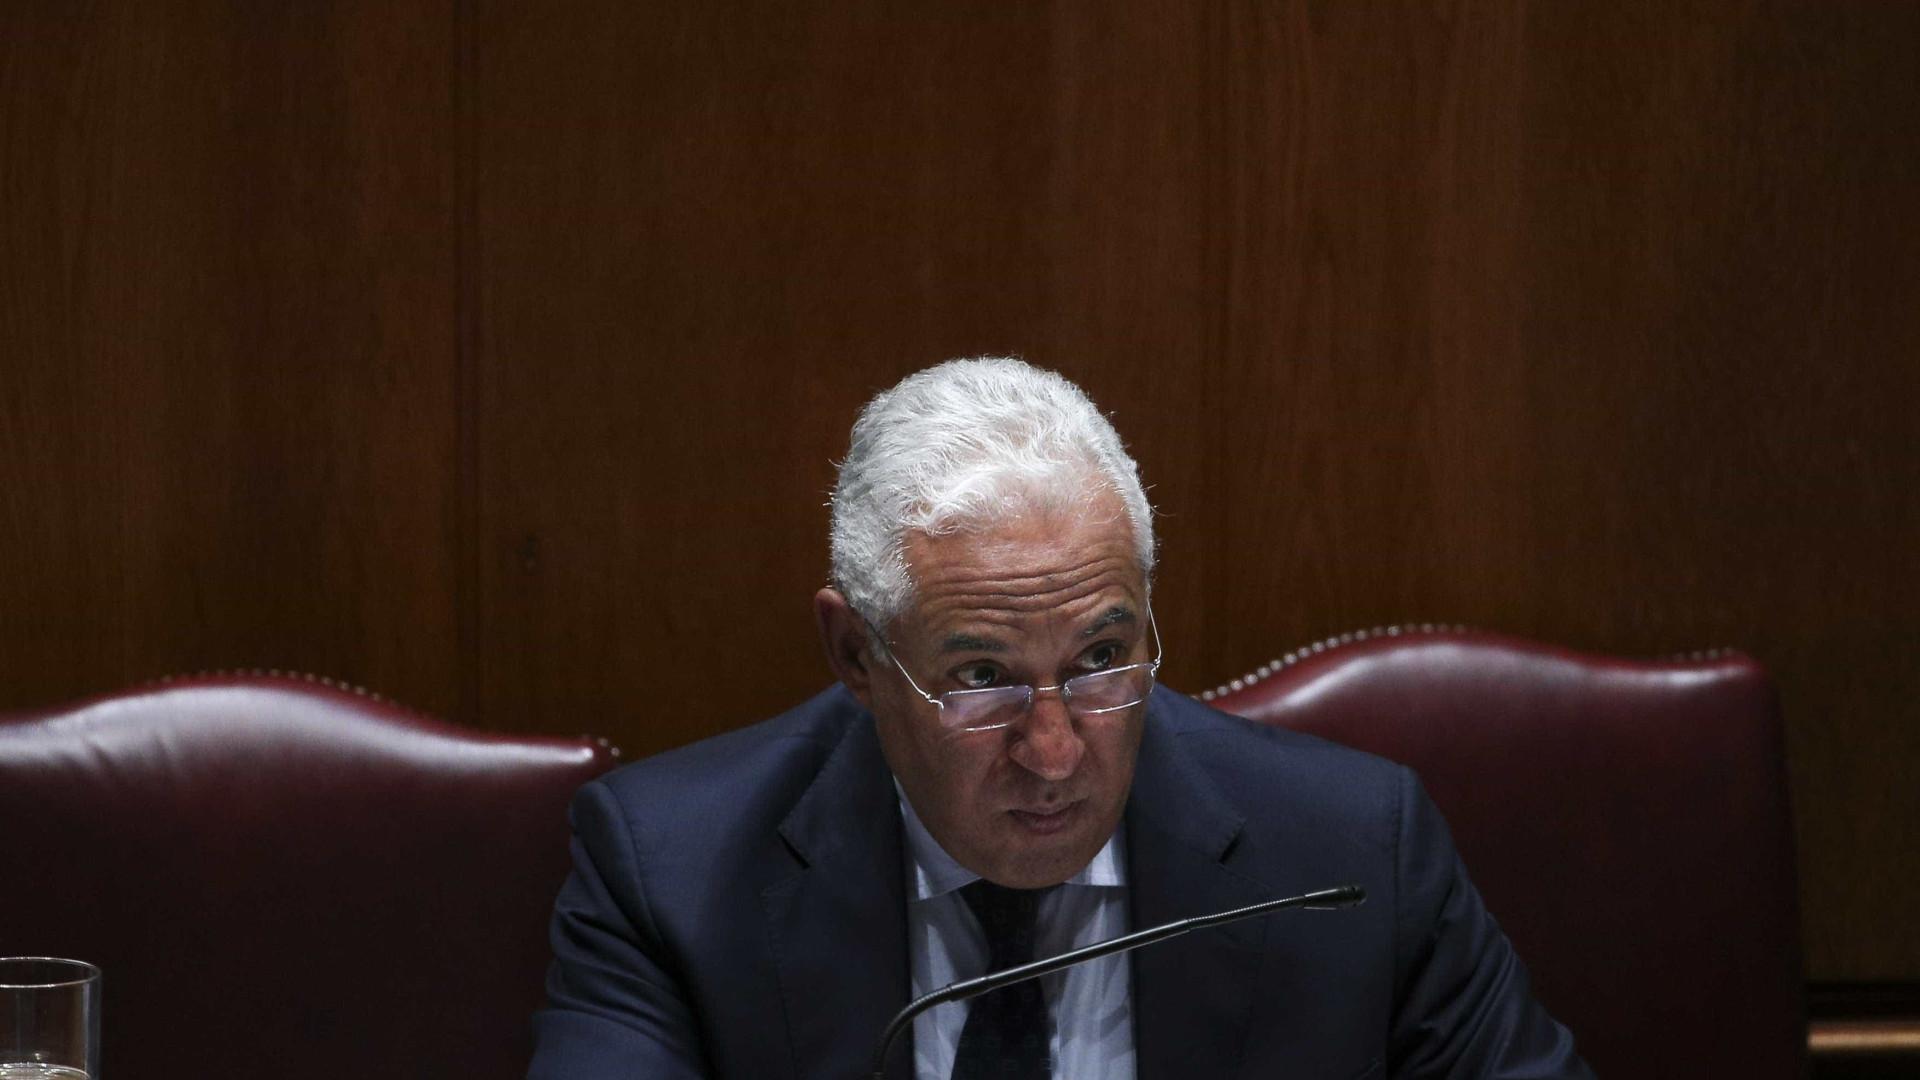 Costa destaca reação europeia às medidas unilaterais dos Estados Unidos